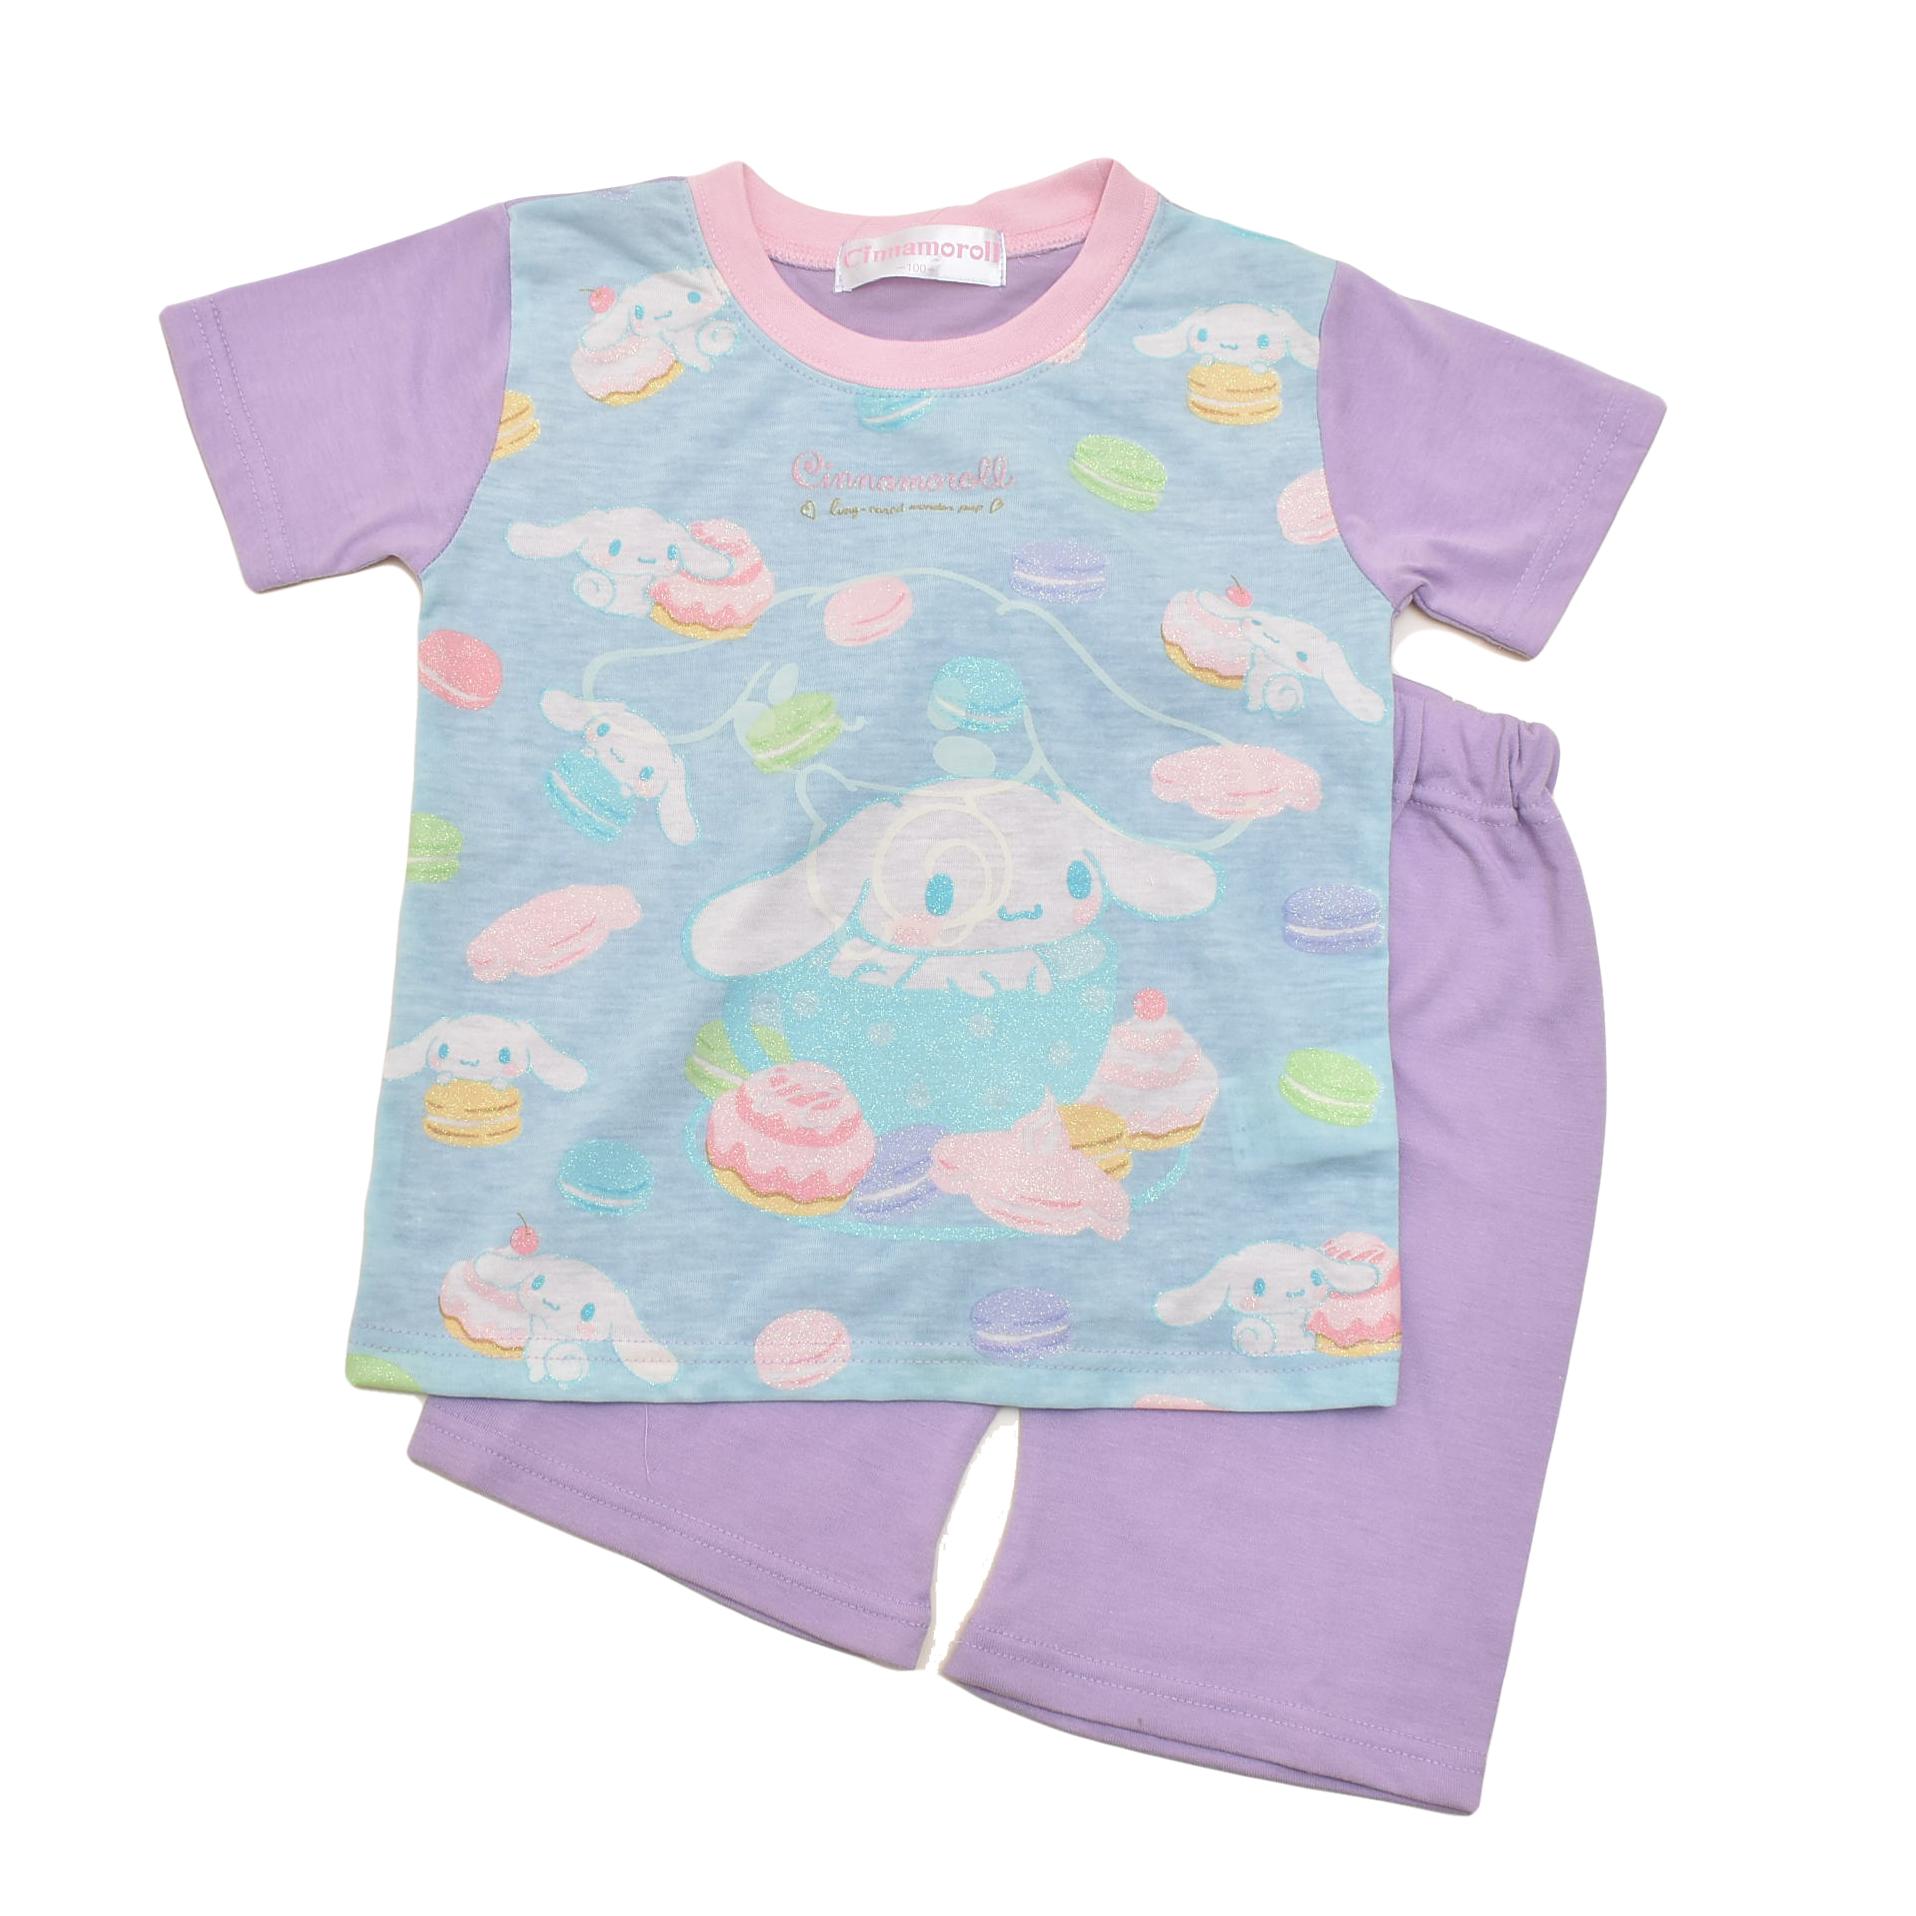 サンリオ シナモロール 光る 半袖Tシャツ生地のパジャマ  100-130cm(132CN0101-PP)